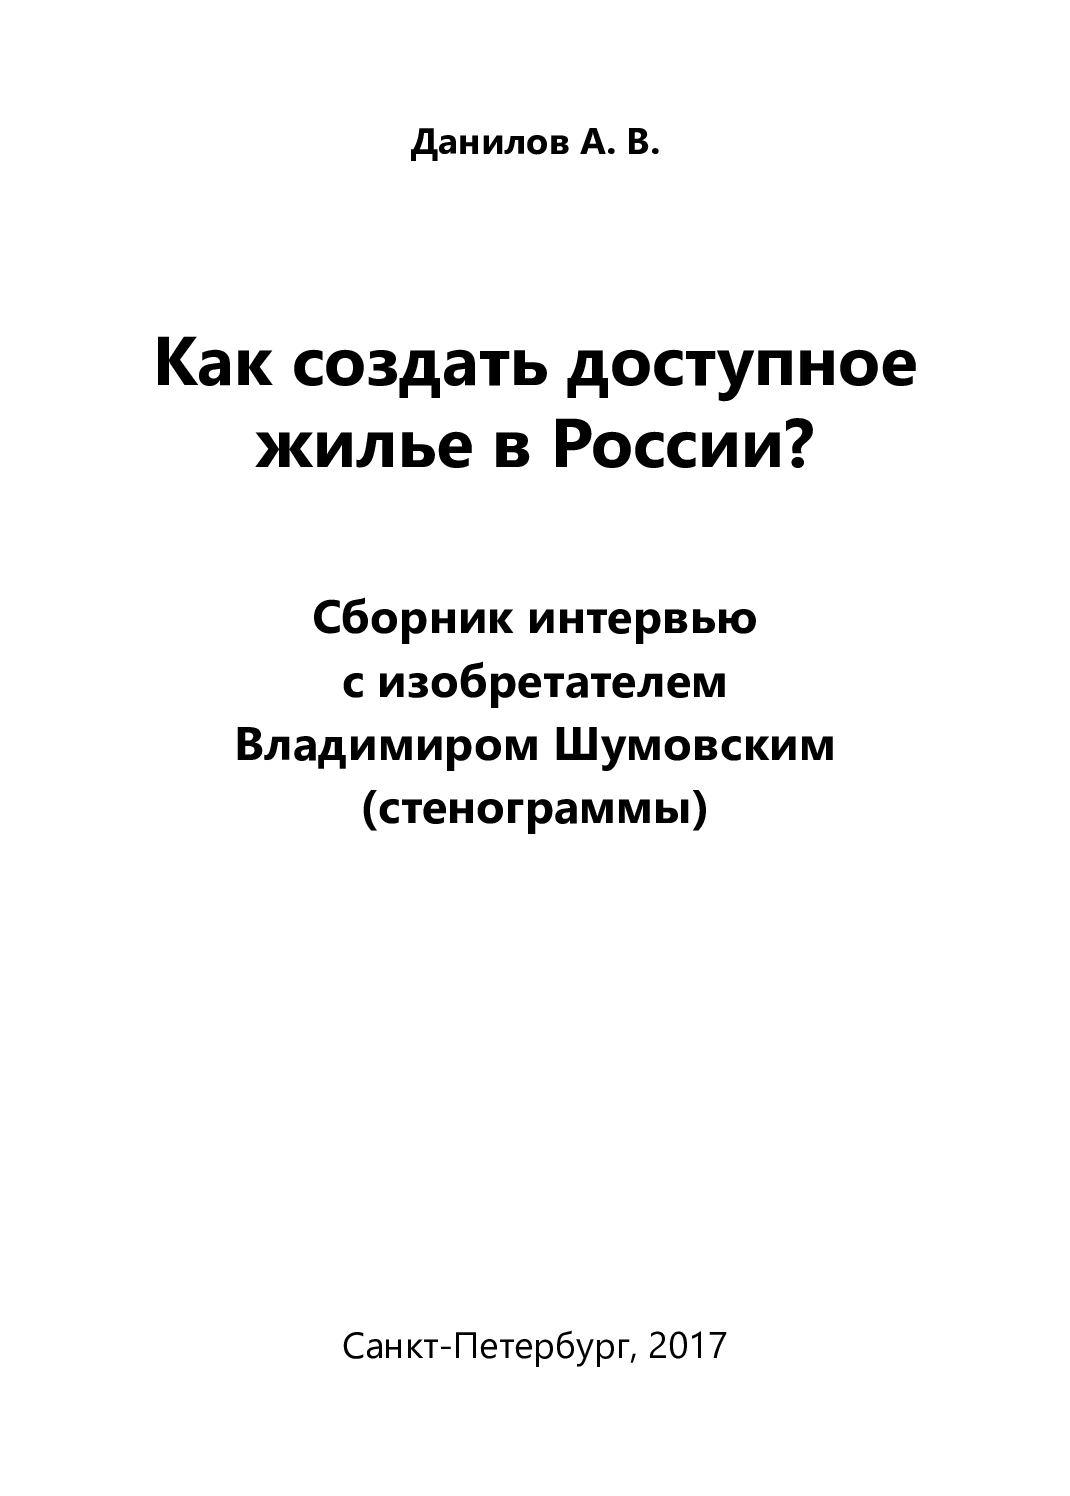 Calaméo - Как создать доступное жилье в России  Сборник интервью с  изобретателем Владимиром Шумовским (стенограммы) 4676b7d3a5d